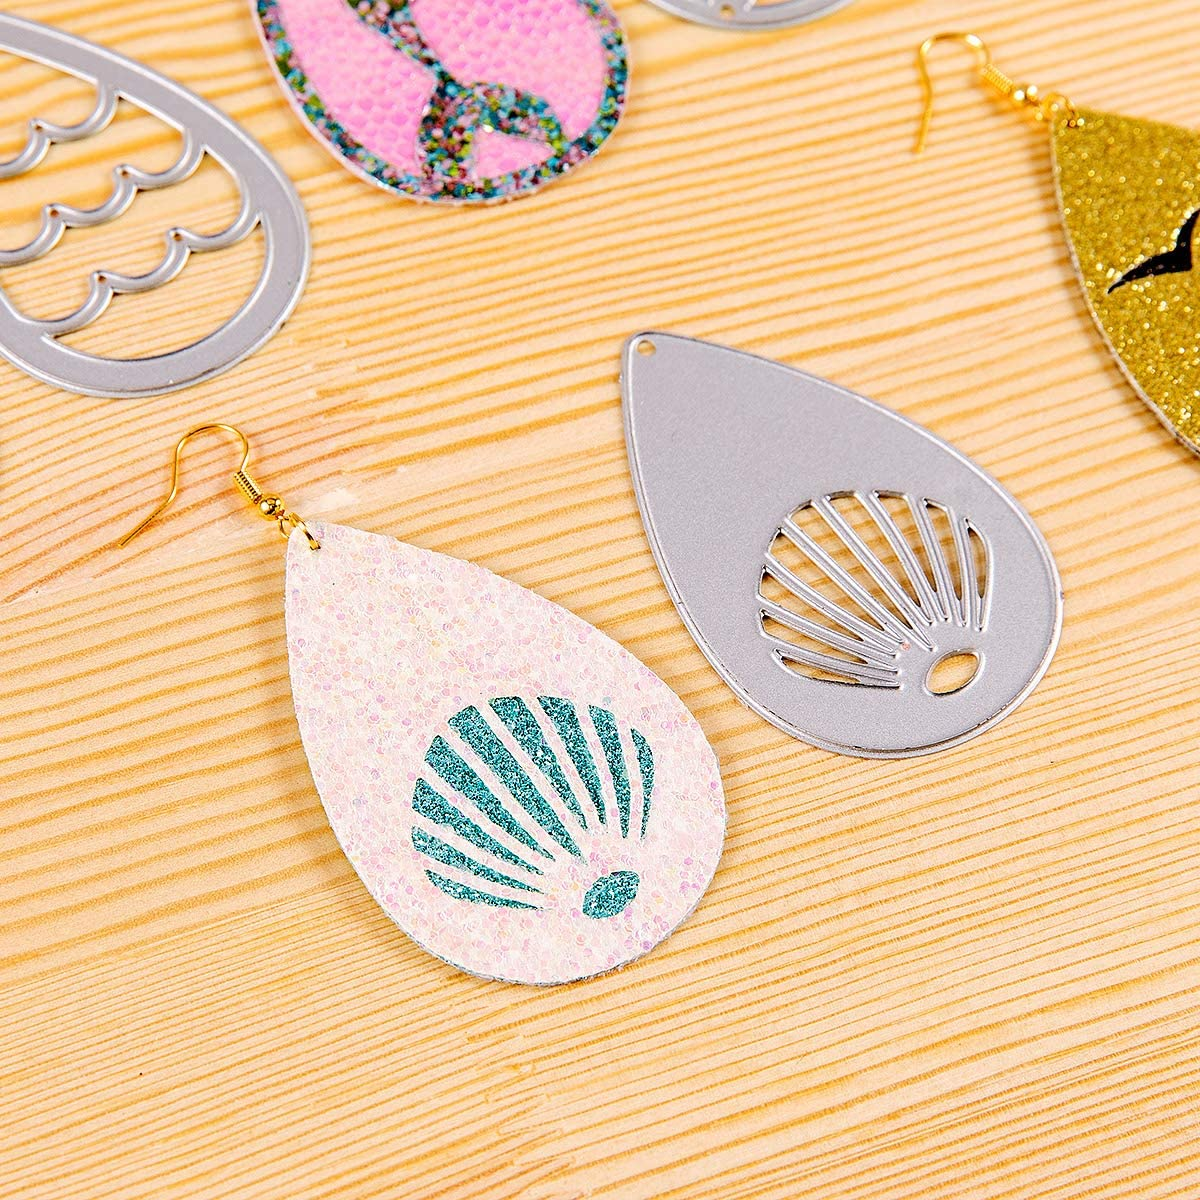 PARBEE 16 PCS Sea Creatures Earring Cutting Dies Teardrop Mermaid Beach Ocean Die Cuts for Making Leather Earrings